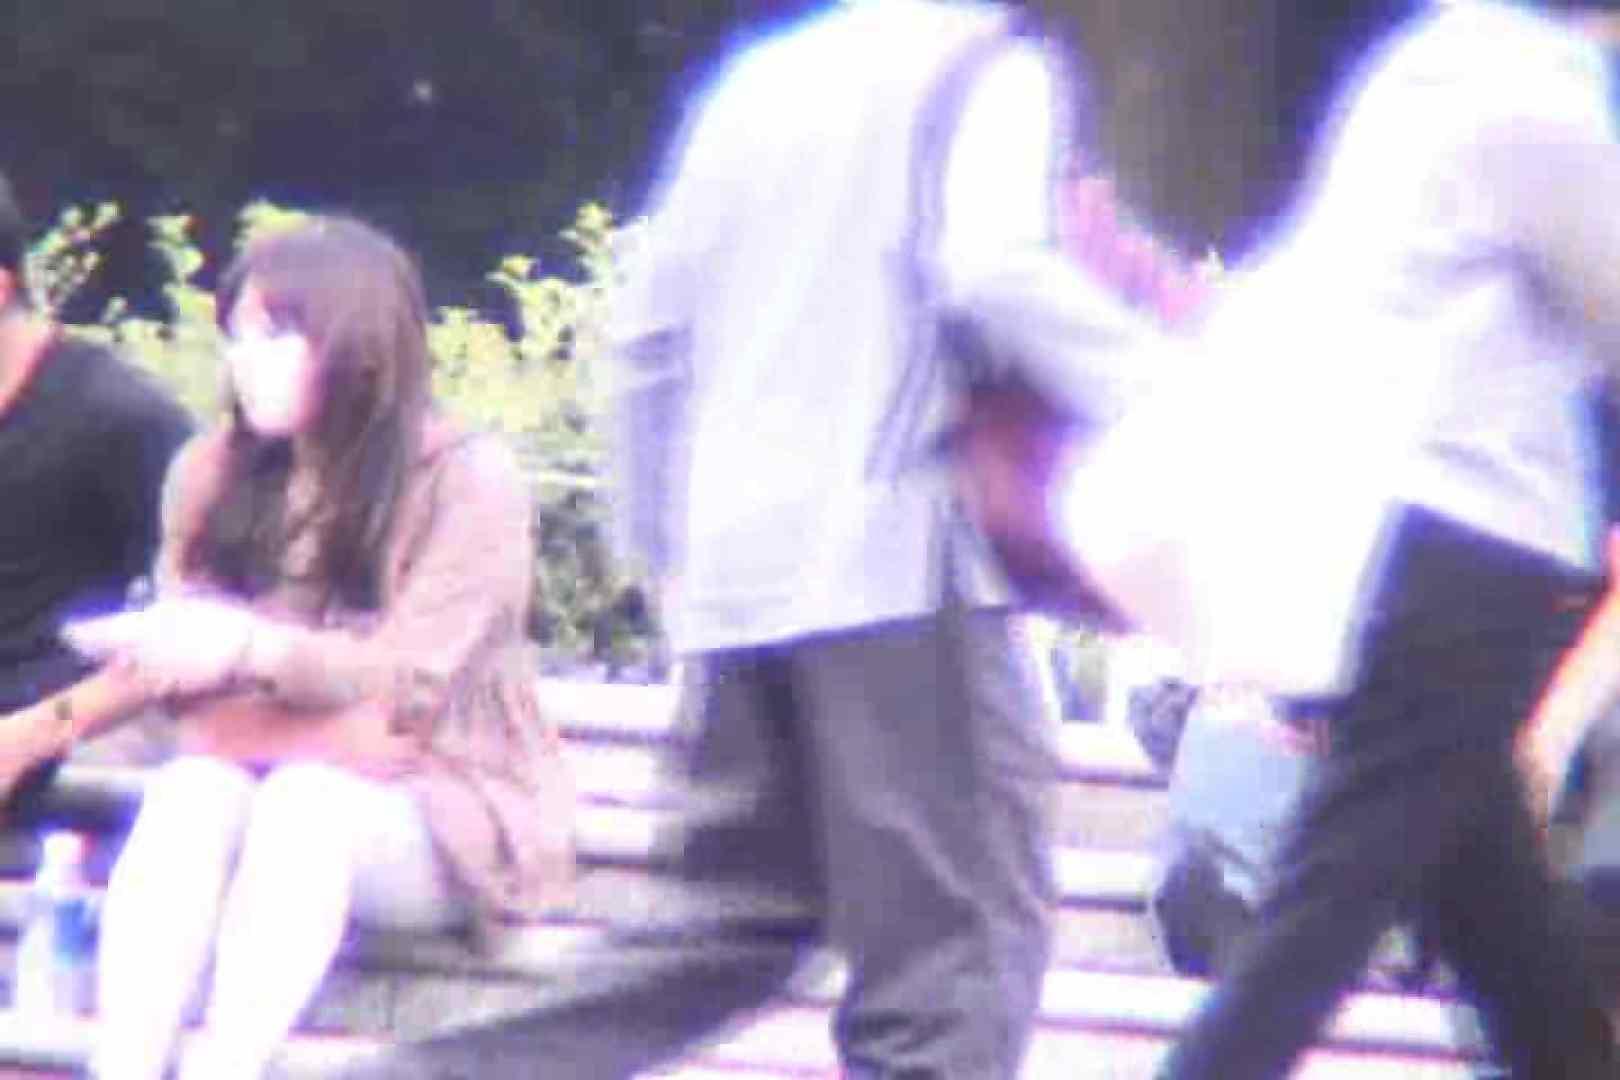 超最新版!春夏秋冬 vol.04 Hな女子大生 戯れ無修正画像 98pic 61